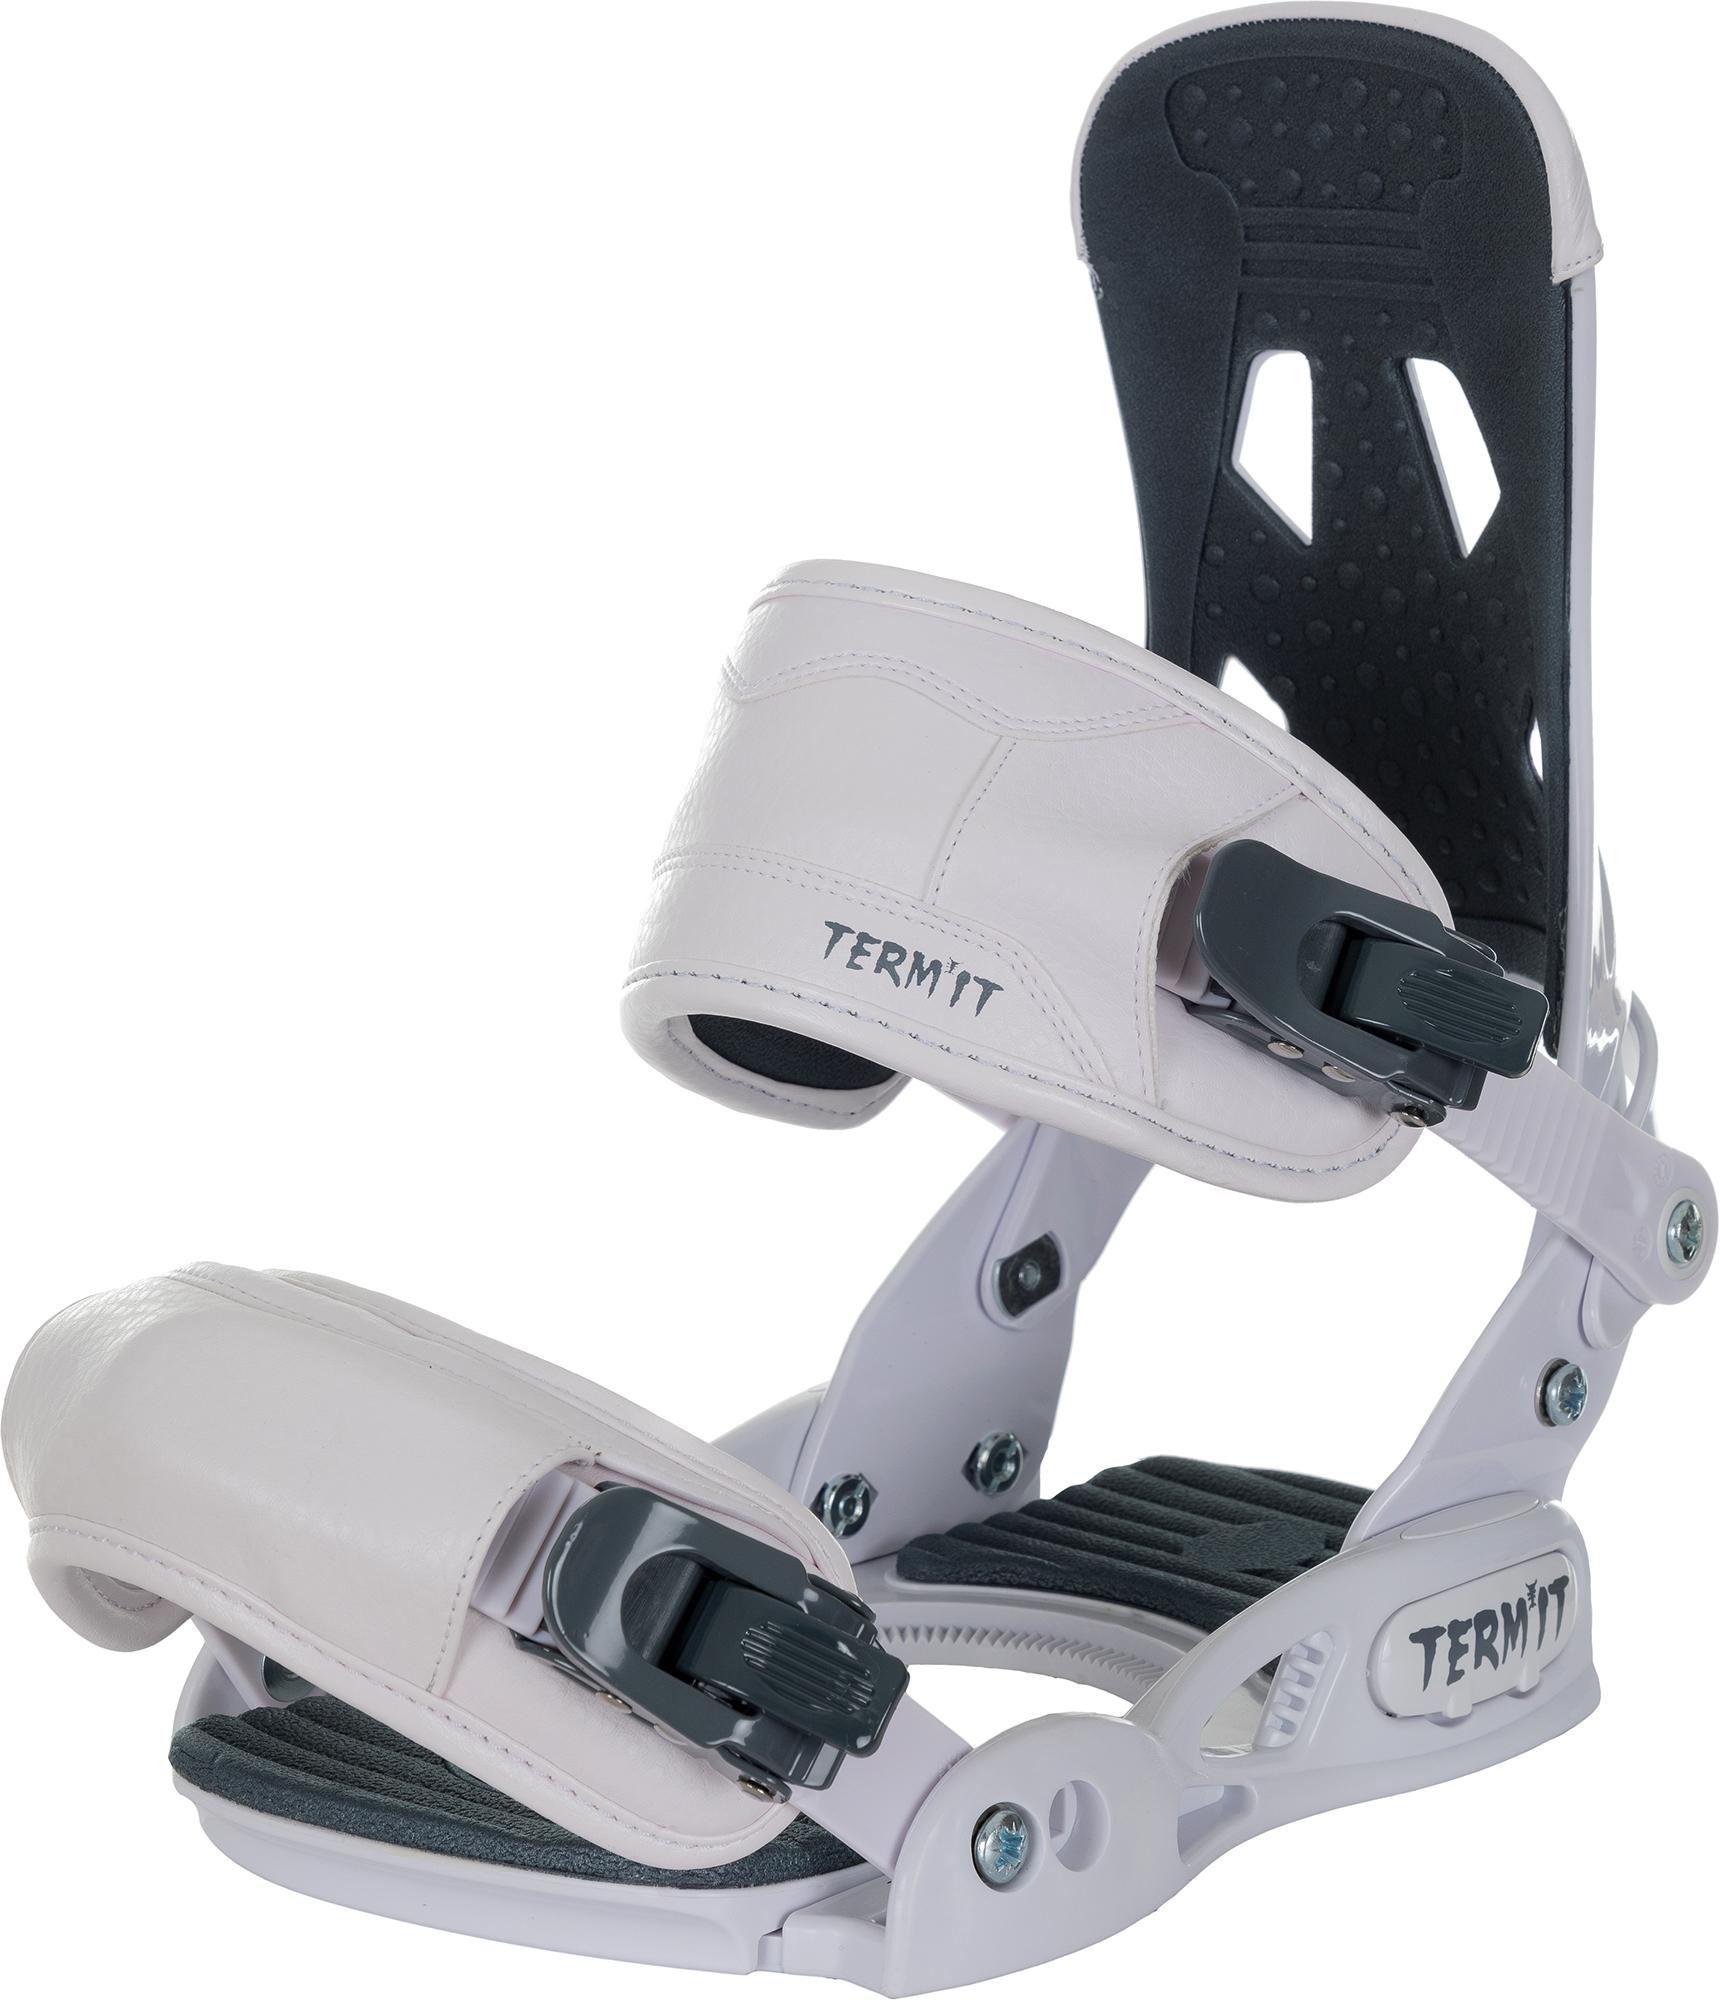 Termit Крепления сноубордические Termit Unity, размер 42-46